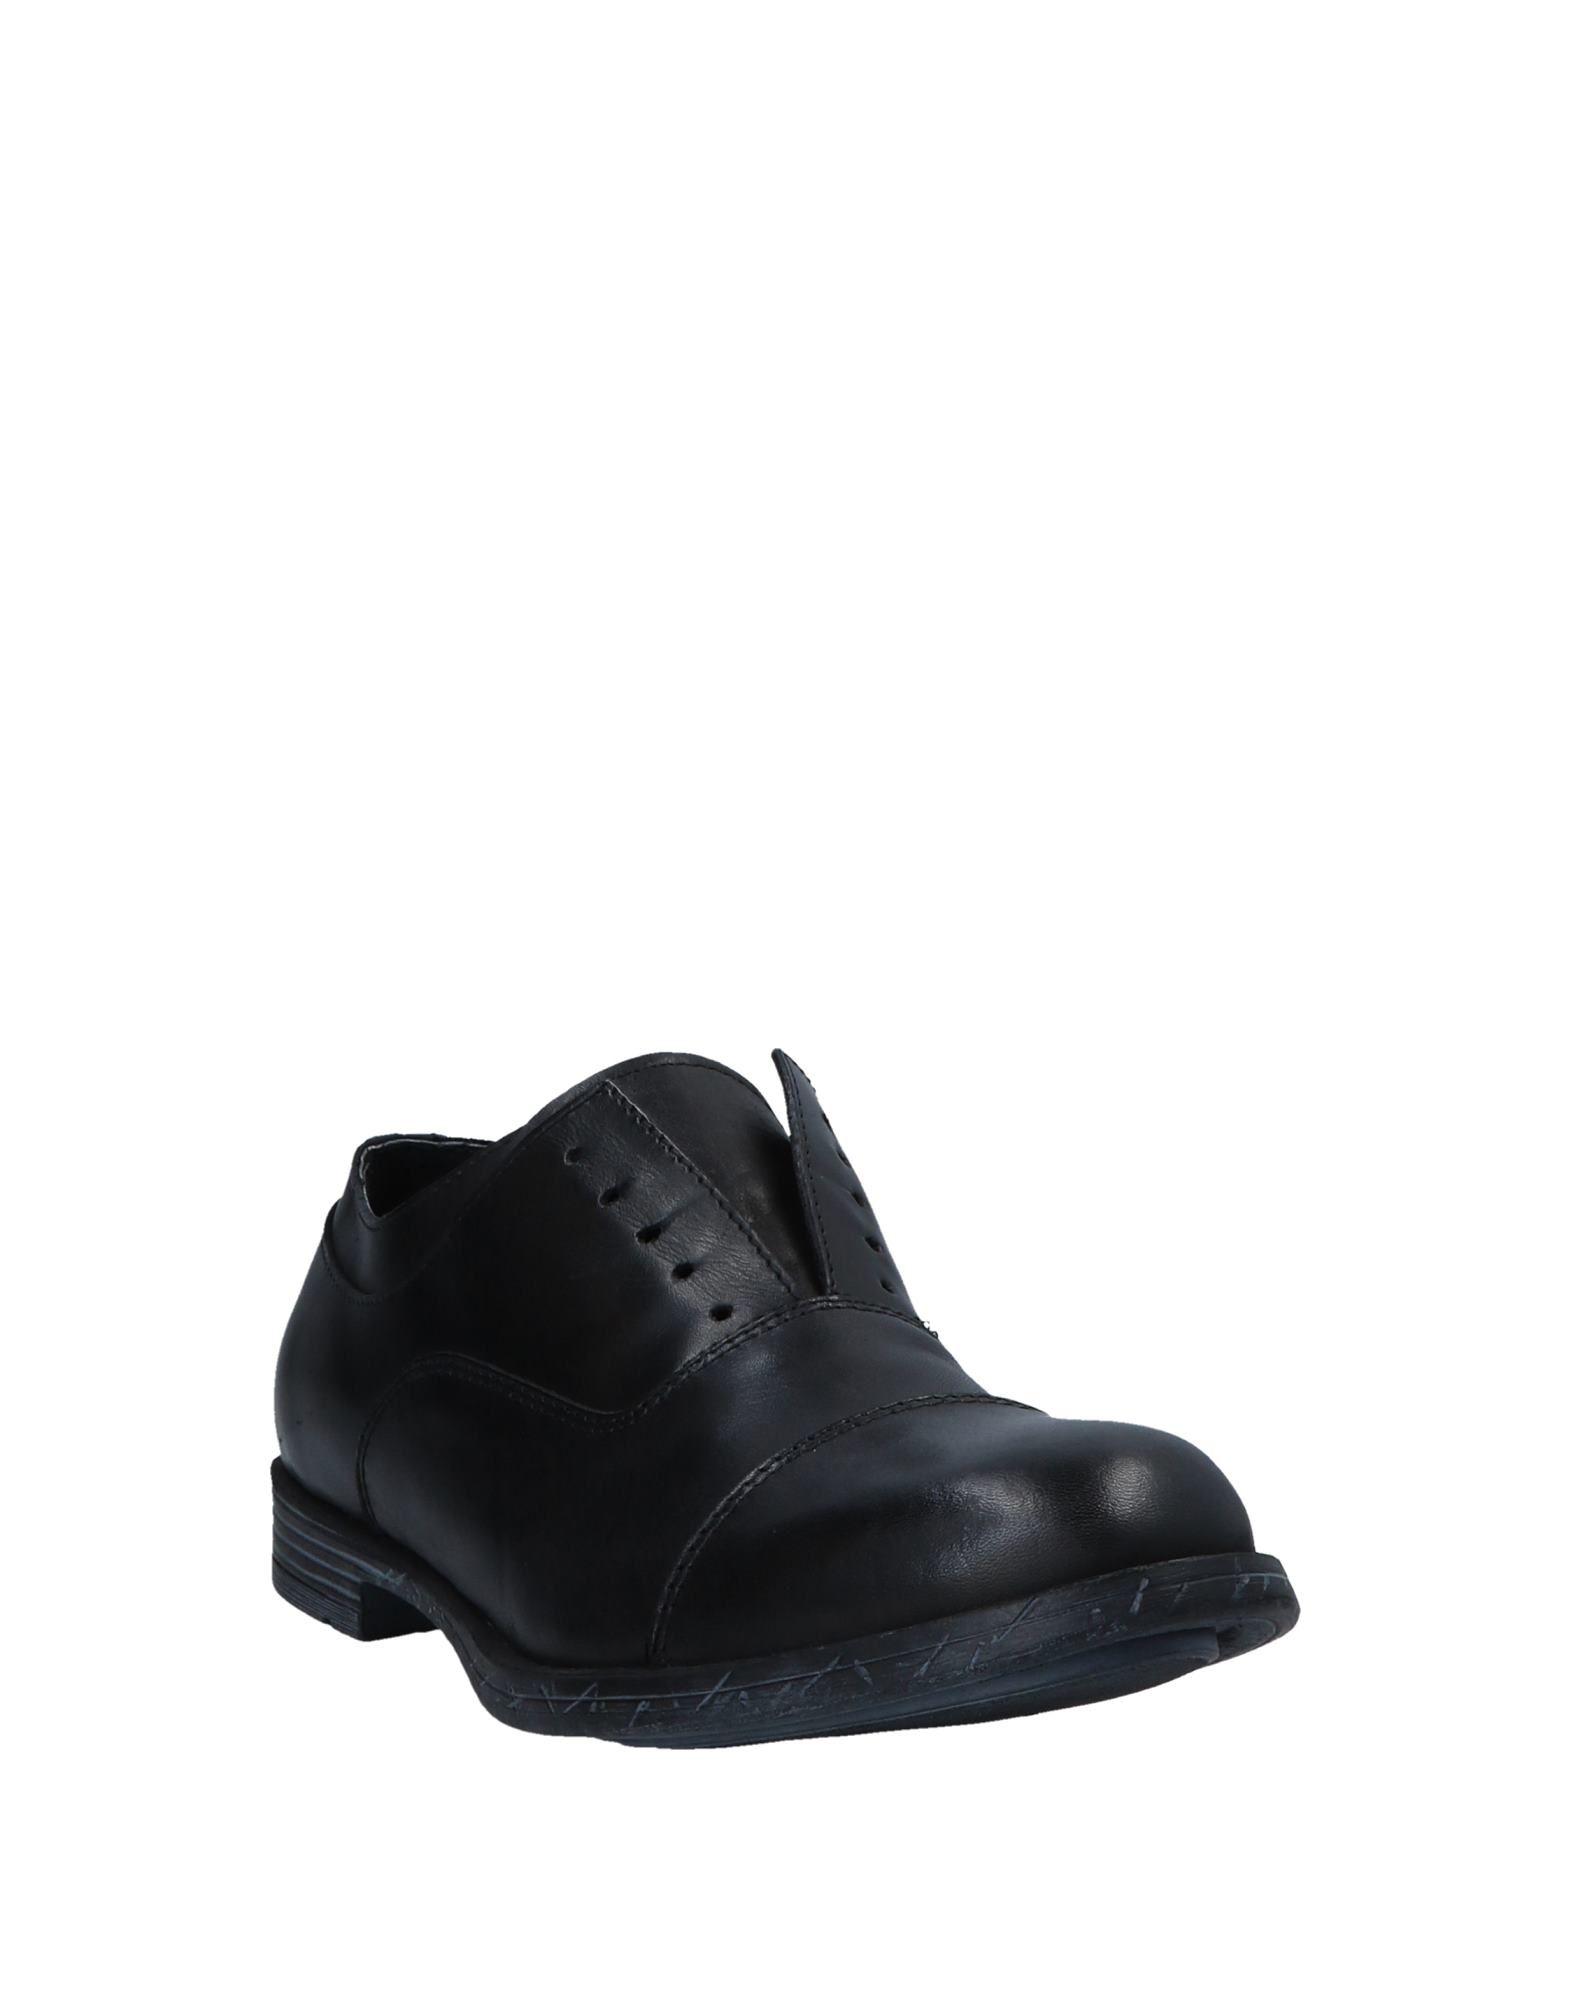 Bruno Verri Mokassins Herren  Schuhe 11555196VJ Gute Qualität beliebte Schuhe  3605fb